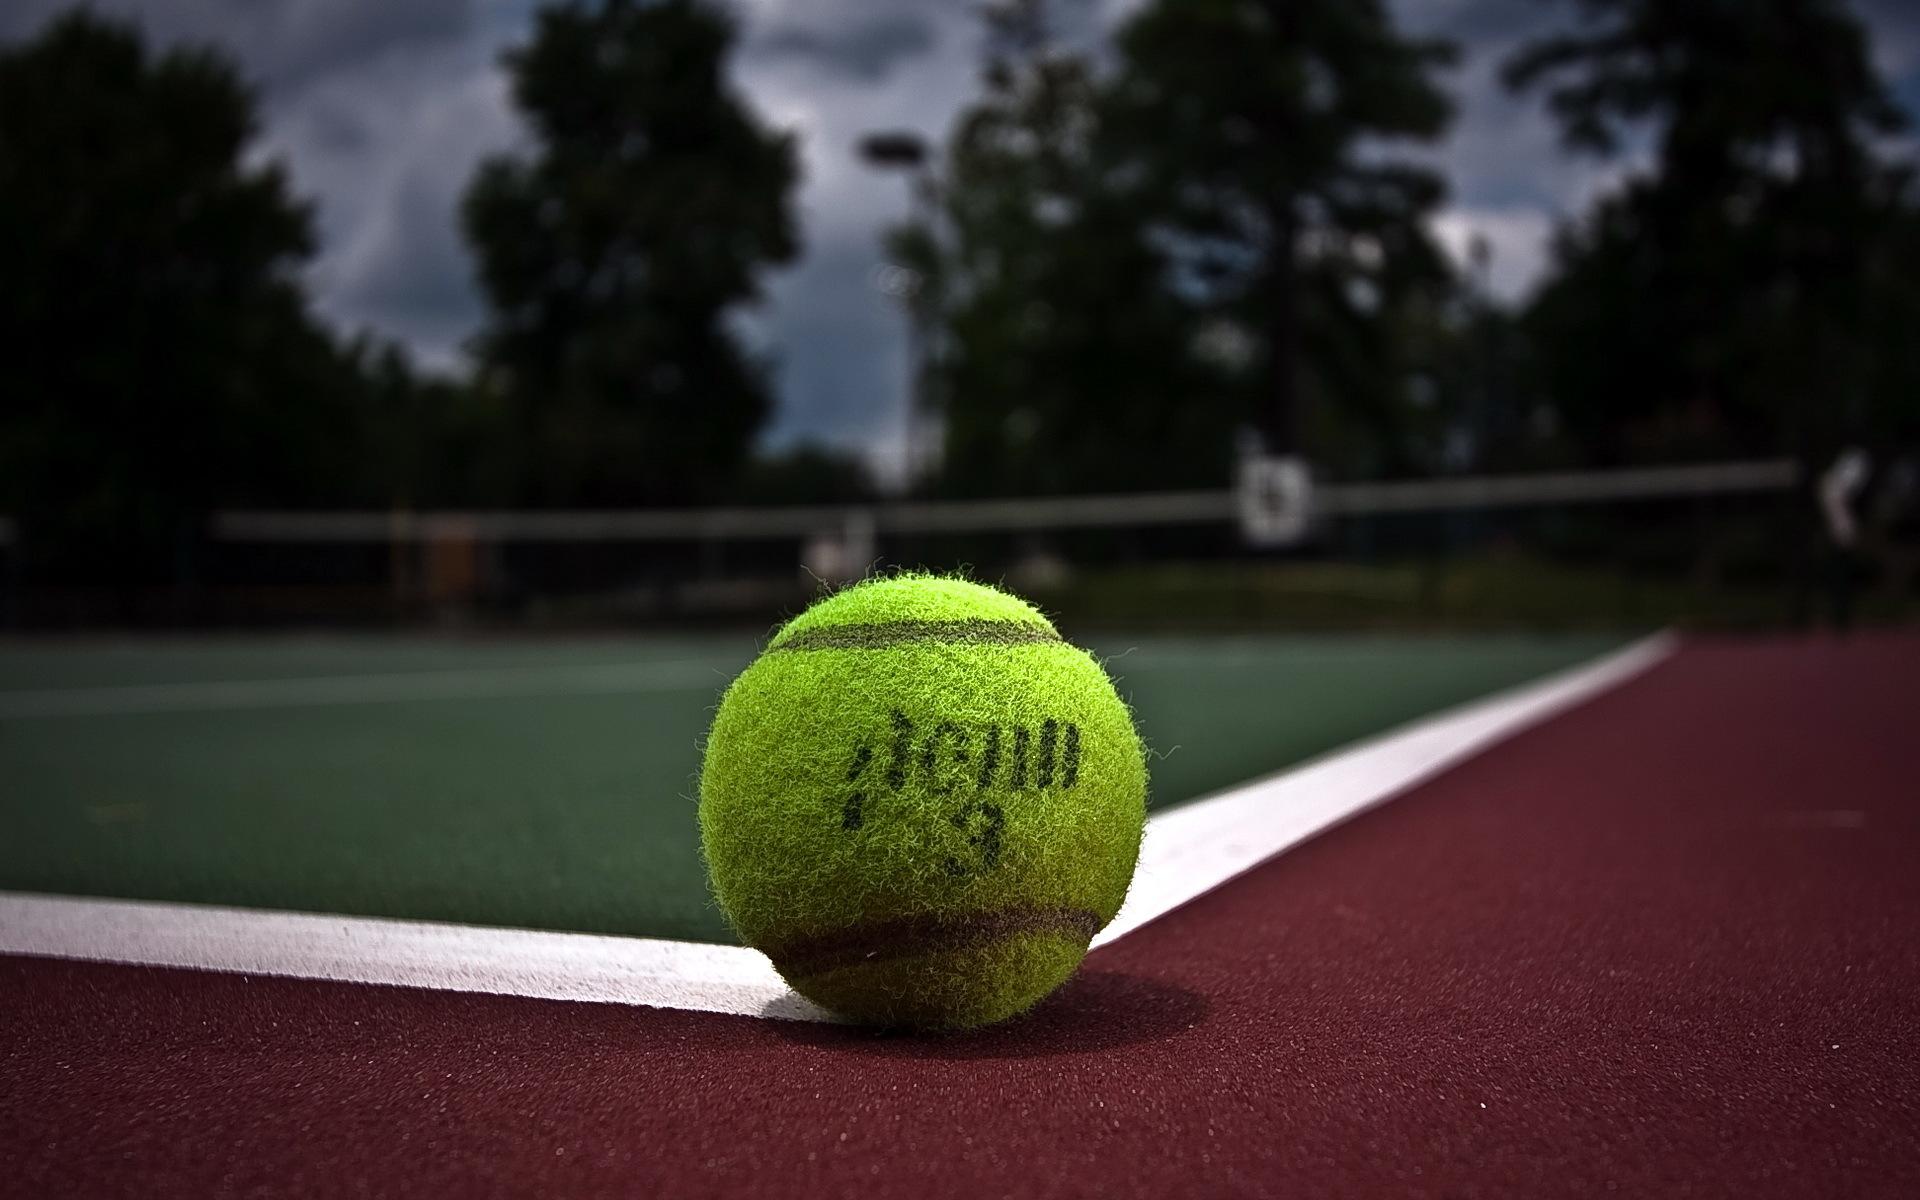 Sport Wallpaper Tennis: Tennis Ball Sport Wallpaper